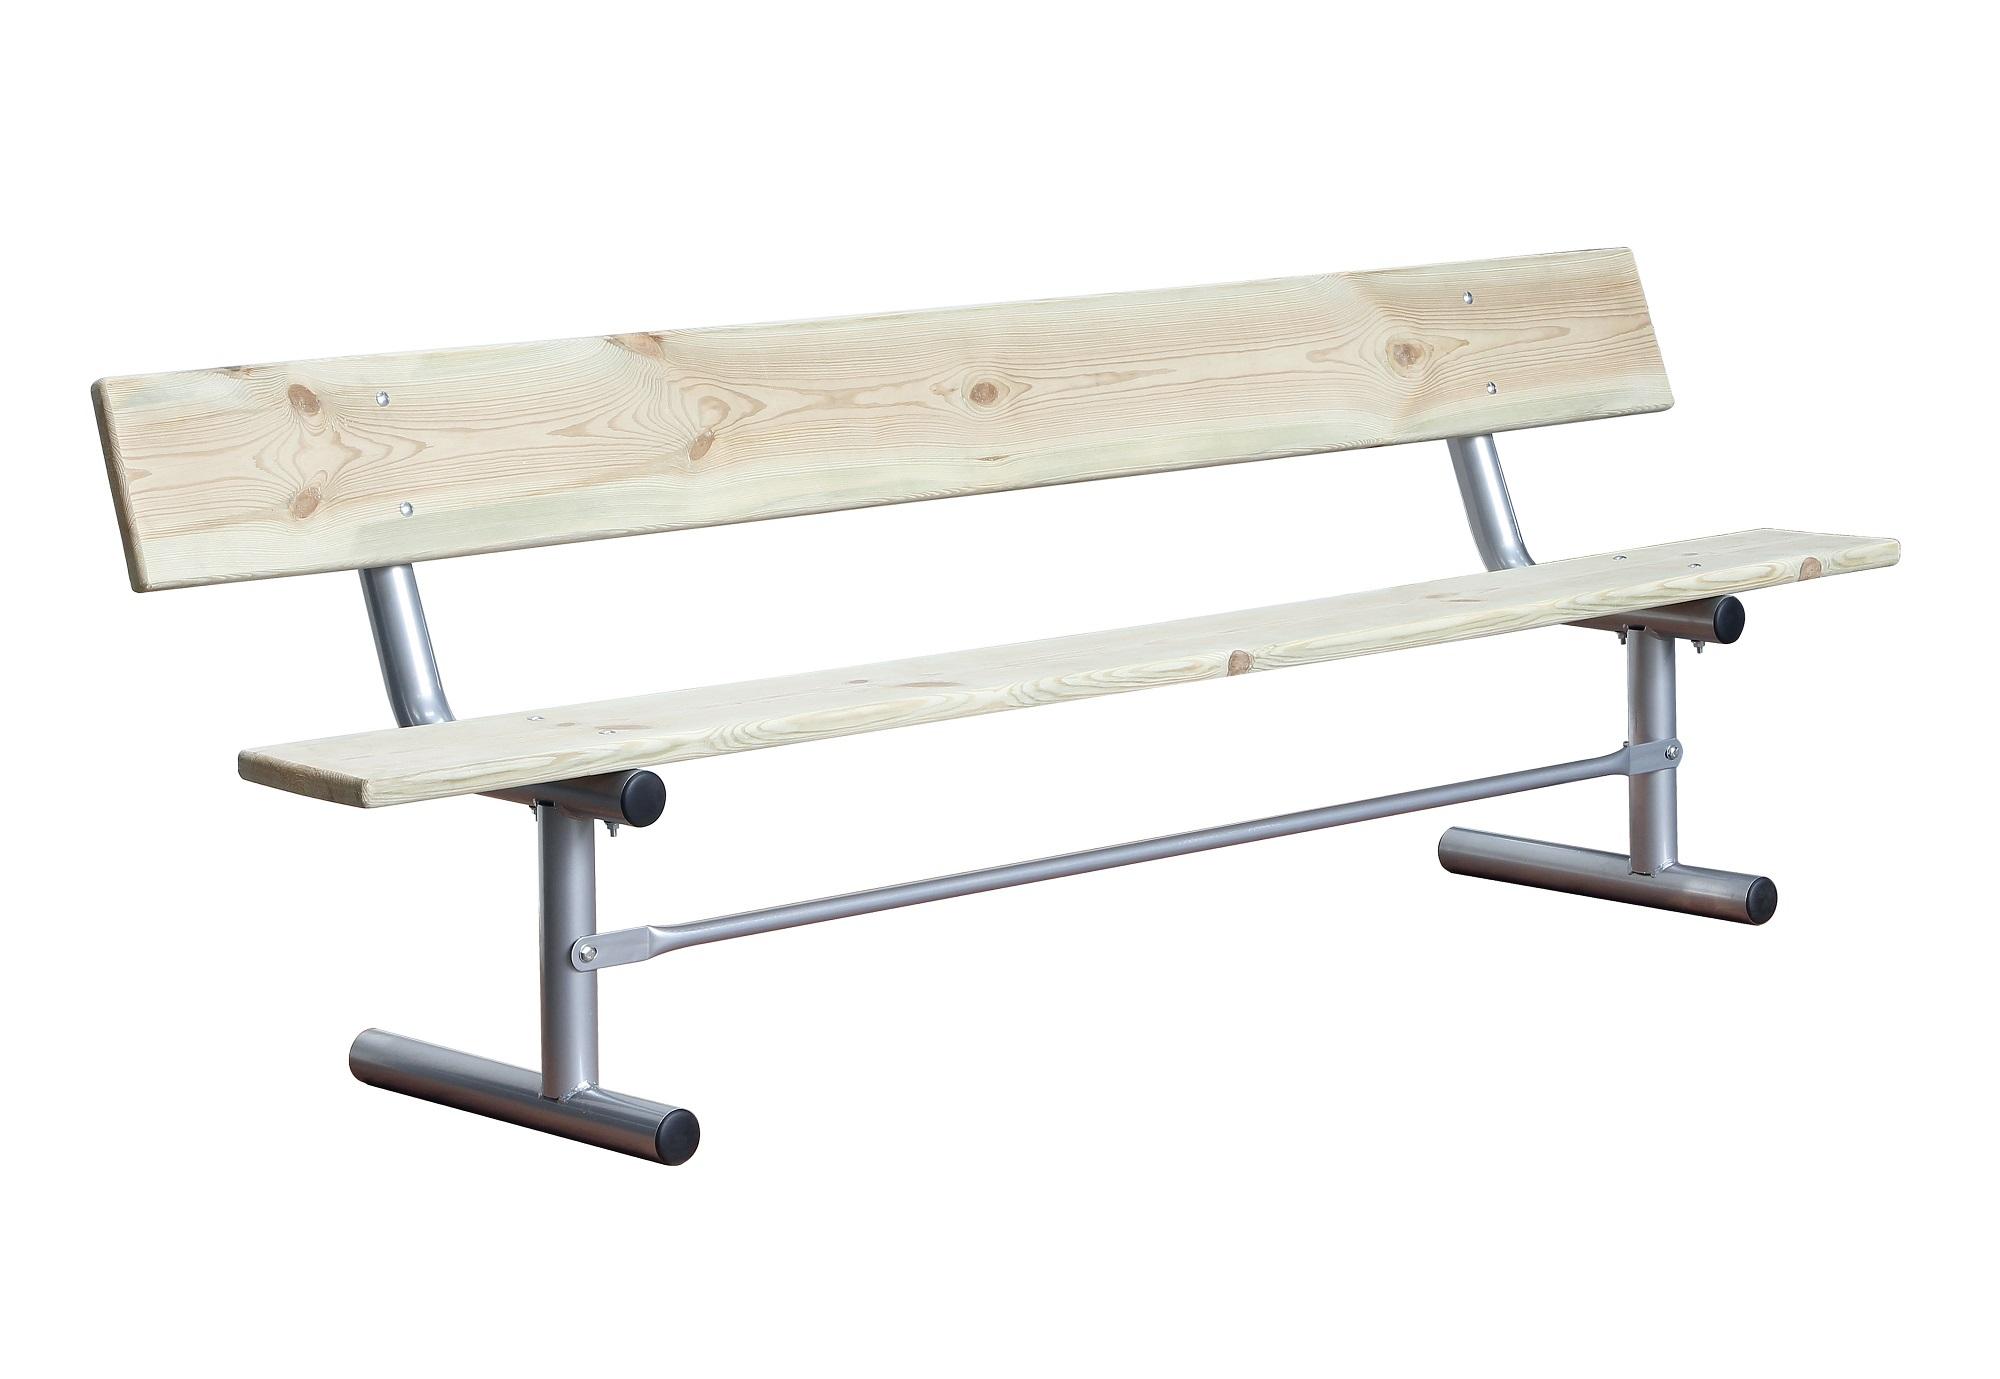 Wood Picnic Table Benchs Ilife